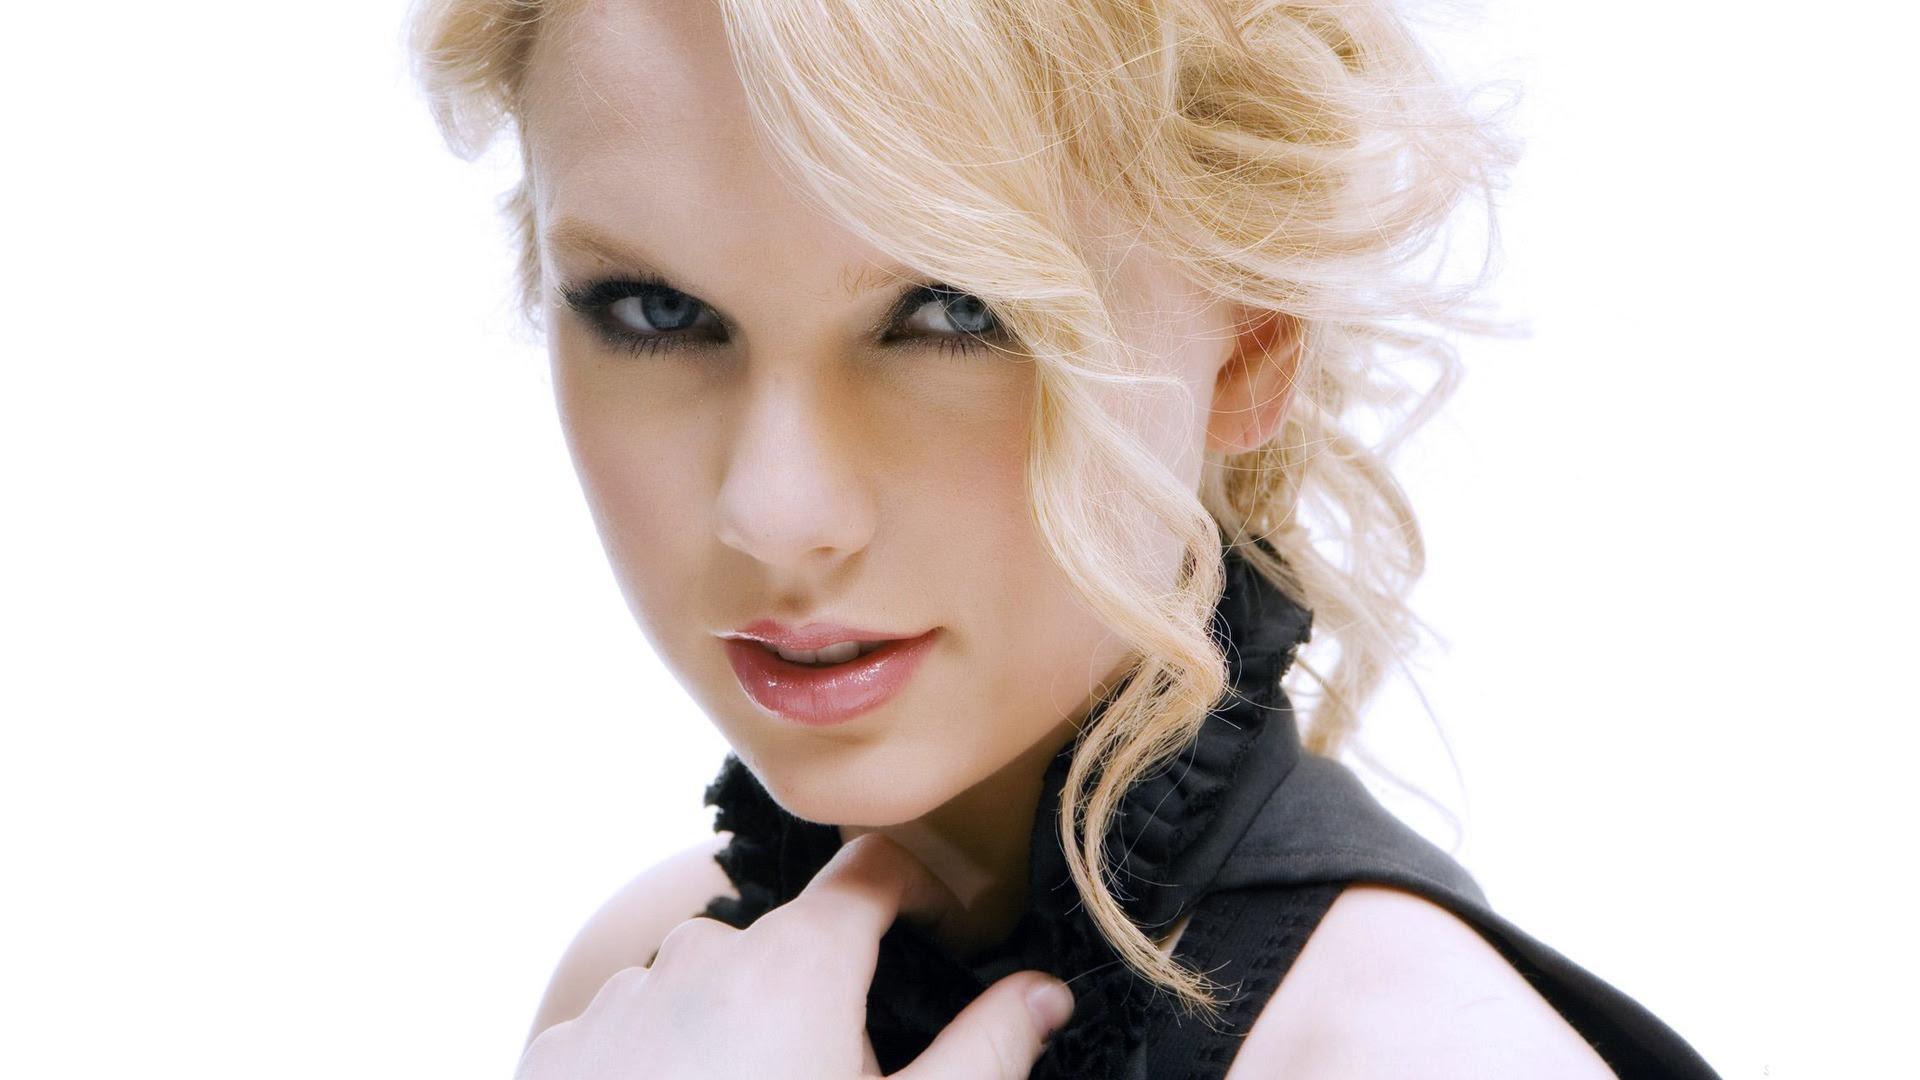 Taylor Swift HD - Taylor Swift Wallpaper (25909928) - Fanpop